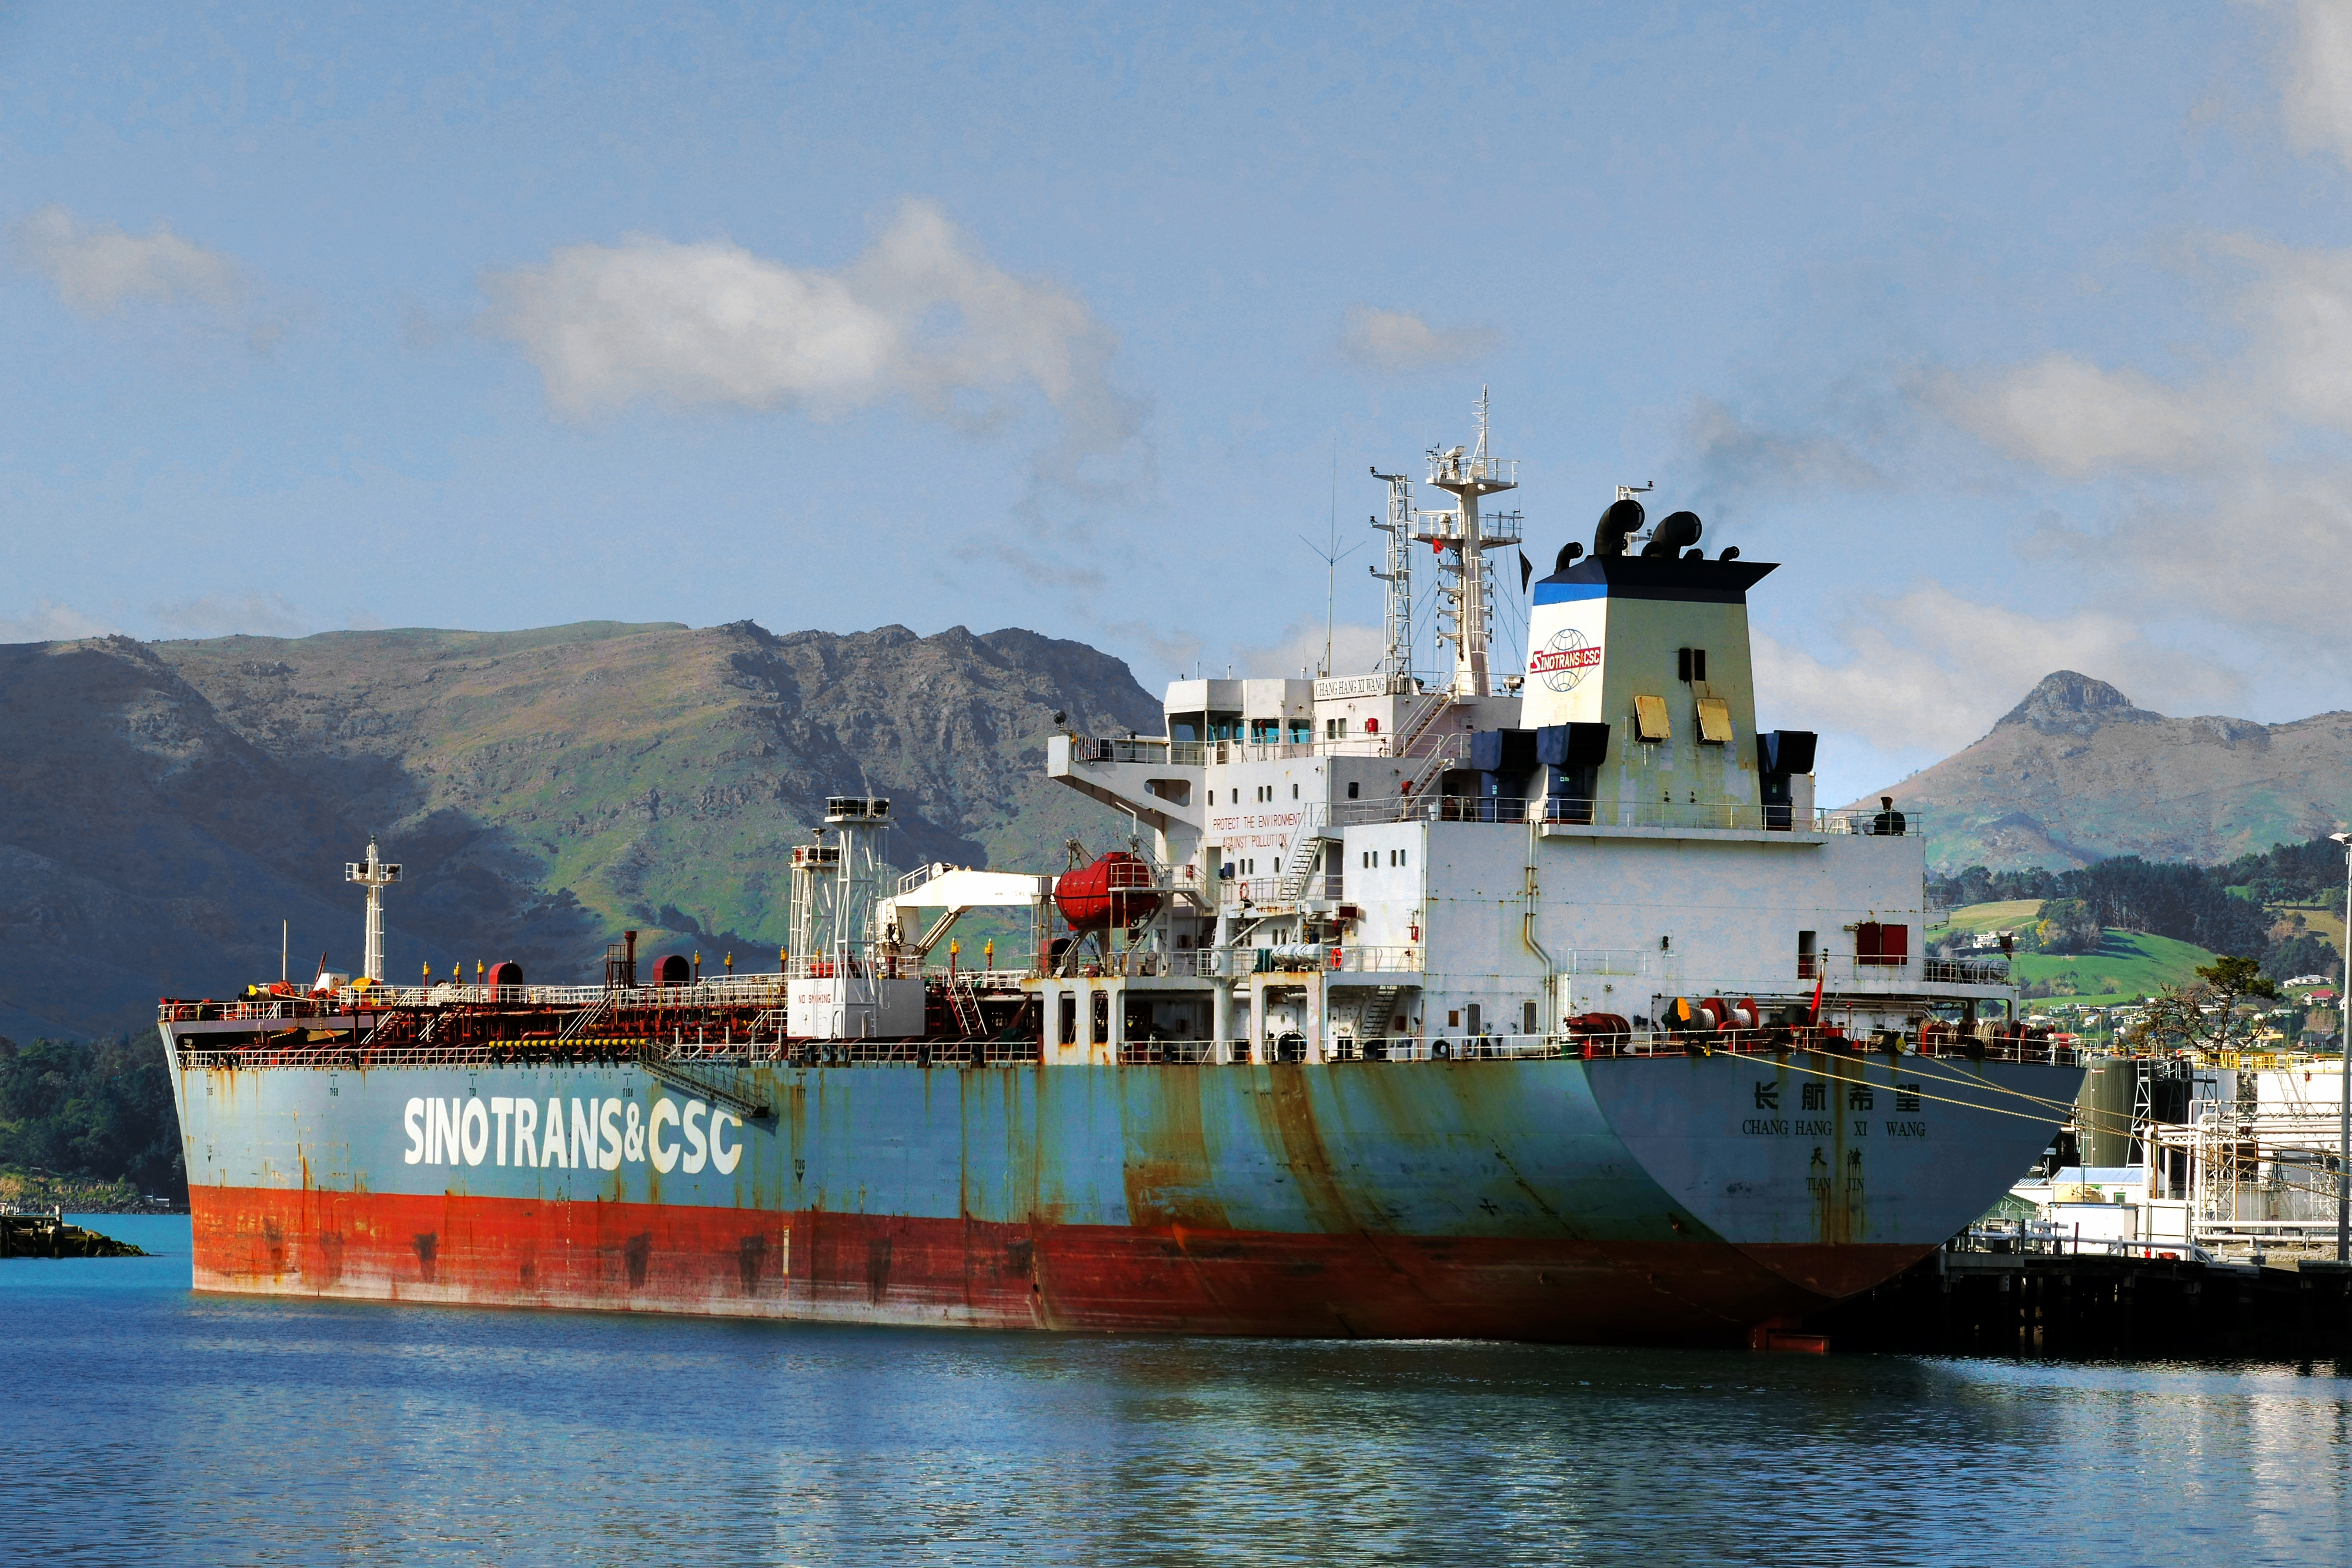 Chang hang xi wang. (oil tanker) photo